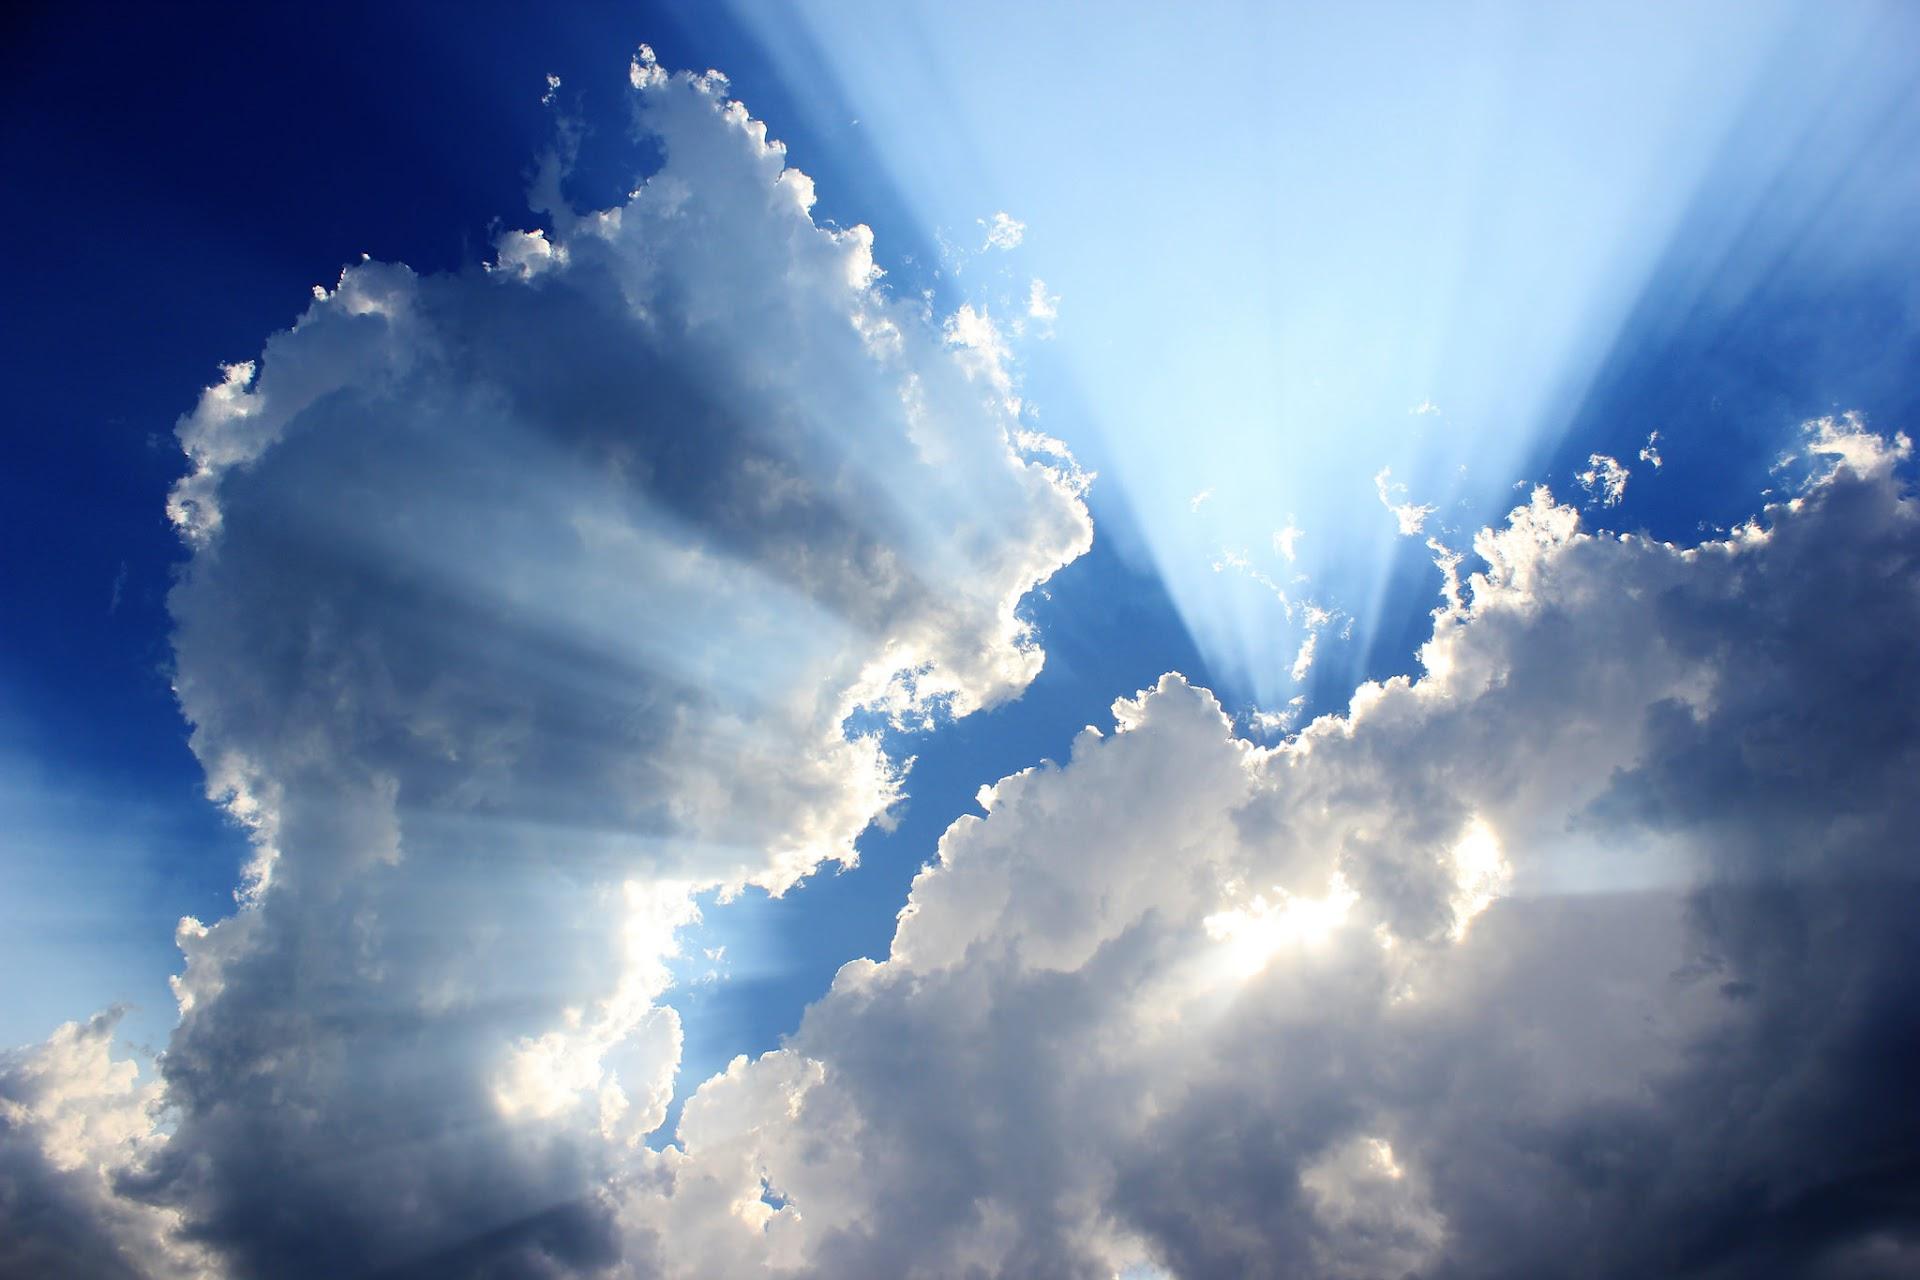 http://3.bp.blogspot.com/-r3MG5L2W8xg/UD_VfHViE8I/AAAAAAAAJ0g/PWhPqfQJD4U/s1920/Below_Clouds_by_kobinho.jpg